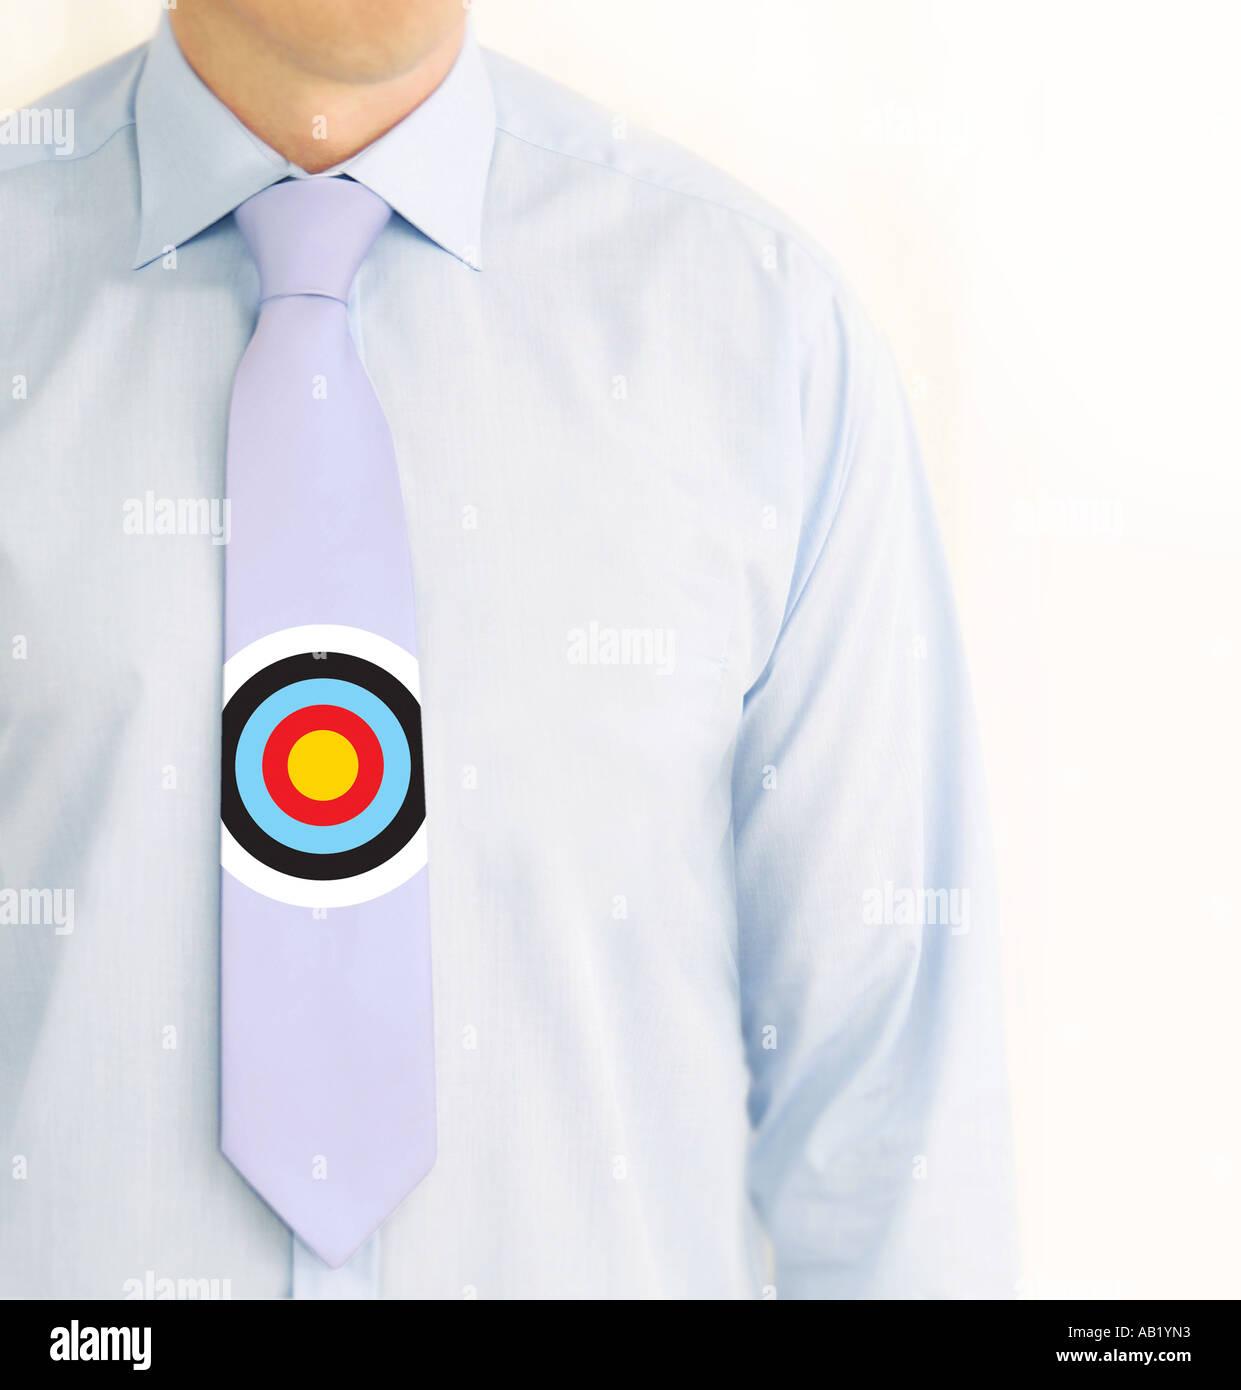 Business-Mann mit einem Ziel auf seine Krawatte Stockbild